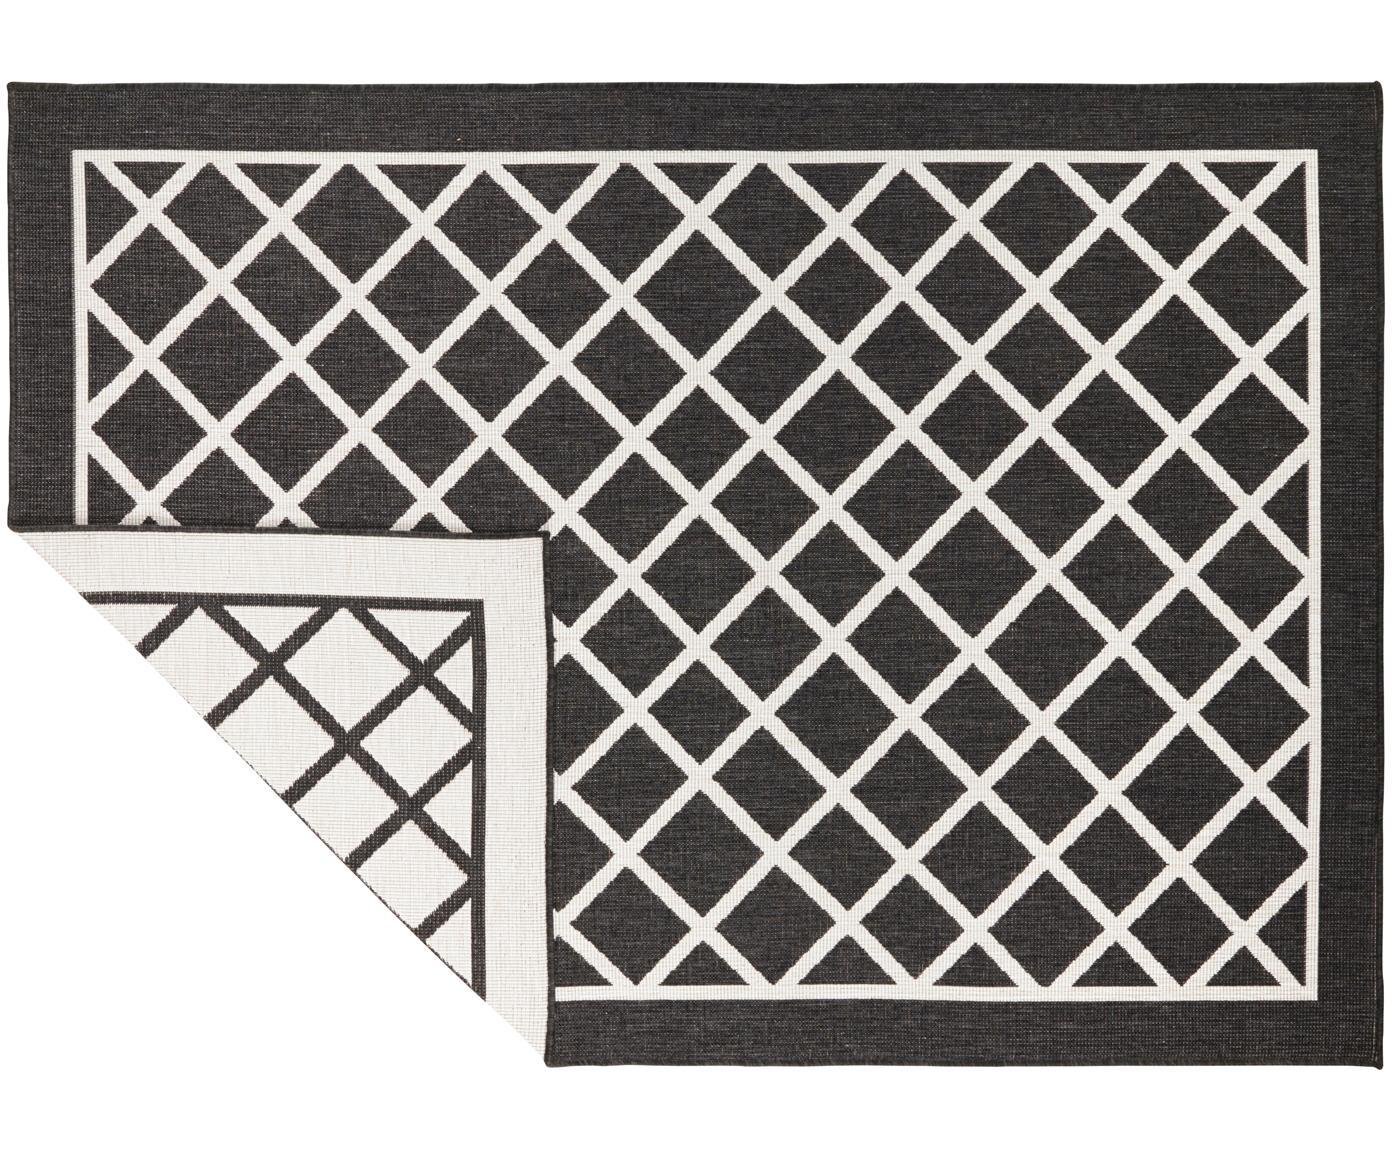 Dubbelzijdig in- en outdoor vloerkleed Sydney met ruitjesmotief in zwart/crèmekleur, Zwart, crèmekleurig, B 200 x L 290 cm (maat L)